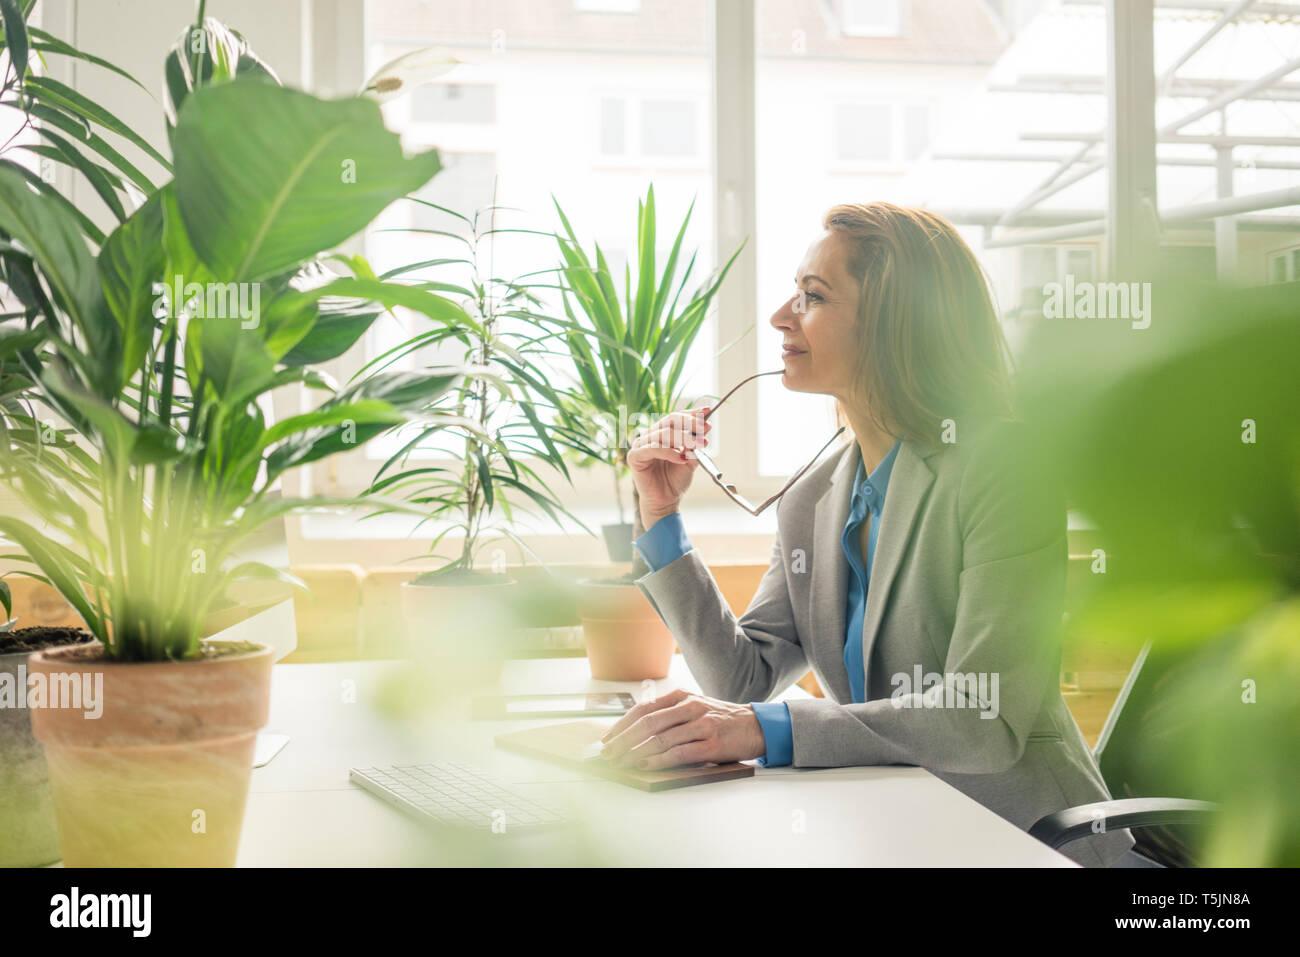 Reife Geschäftsfrau, die in nachhaltige Büro, mit Pflanzen auf Ihrem Schreibtisch Stockbild